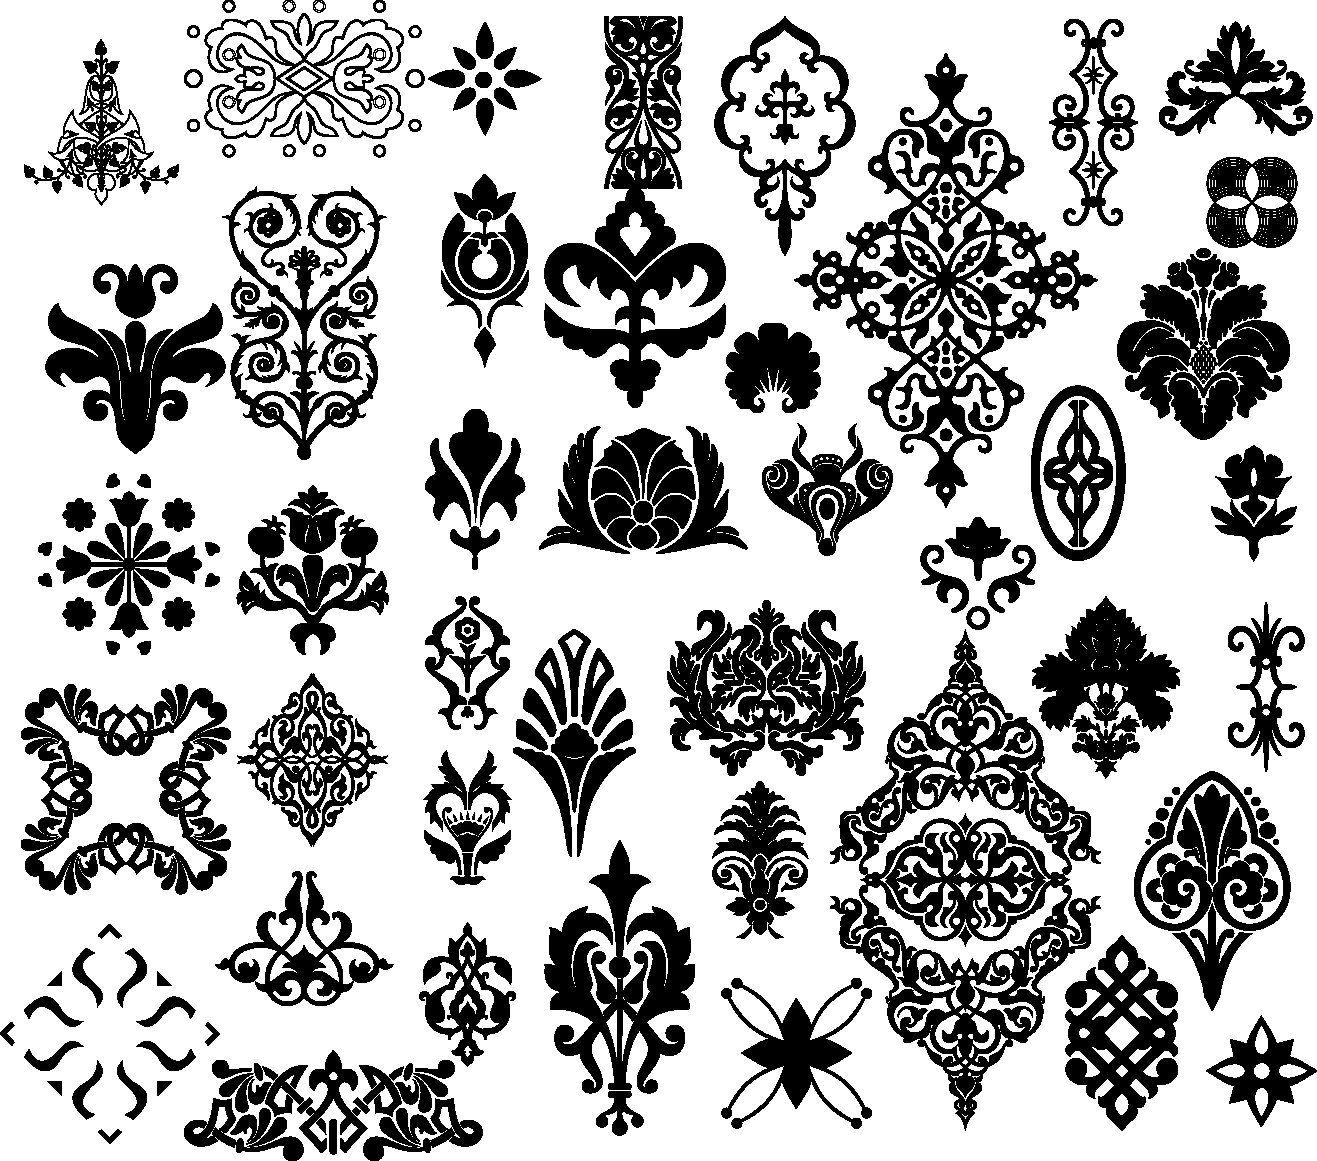 Floral Border Pattern Flowers Vector Vintage Ornamental Design Corner Elements Download PNG Instant Transparent Background Clipart